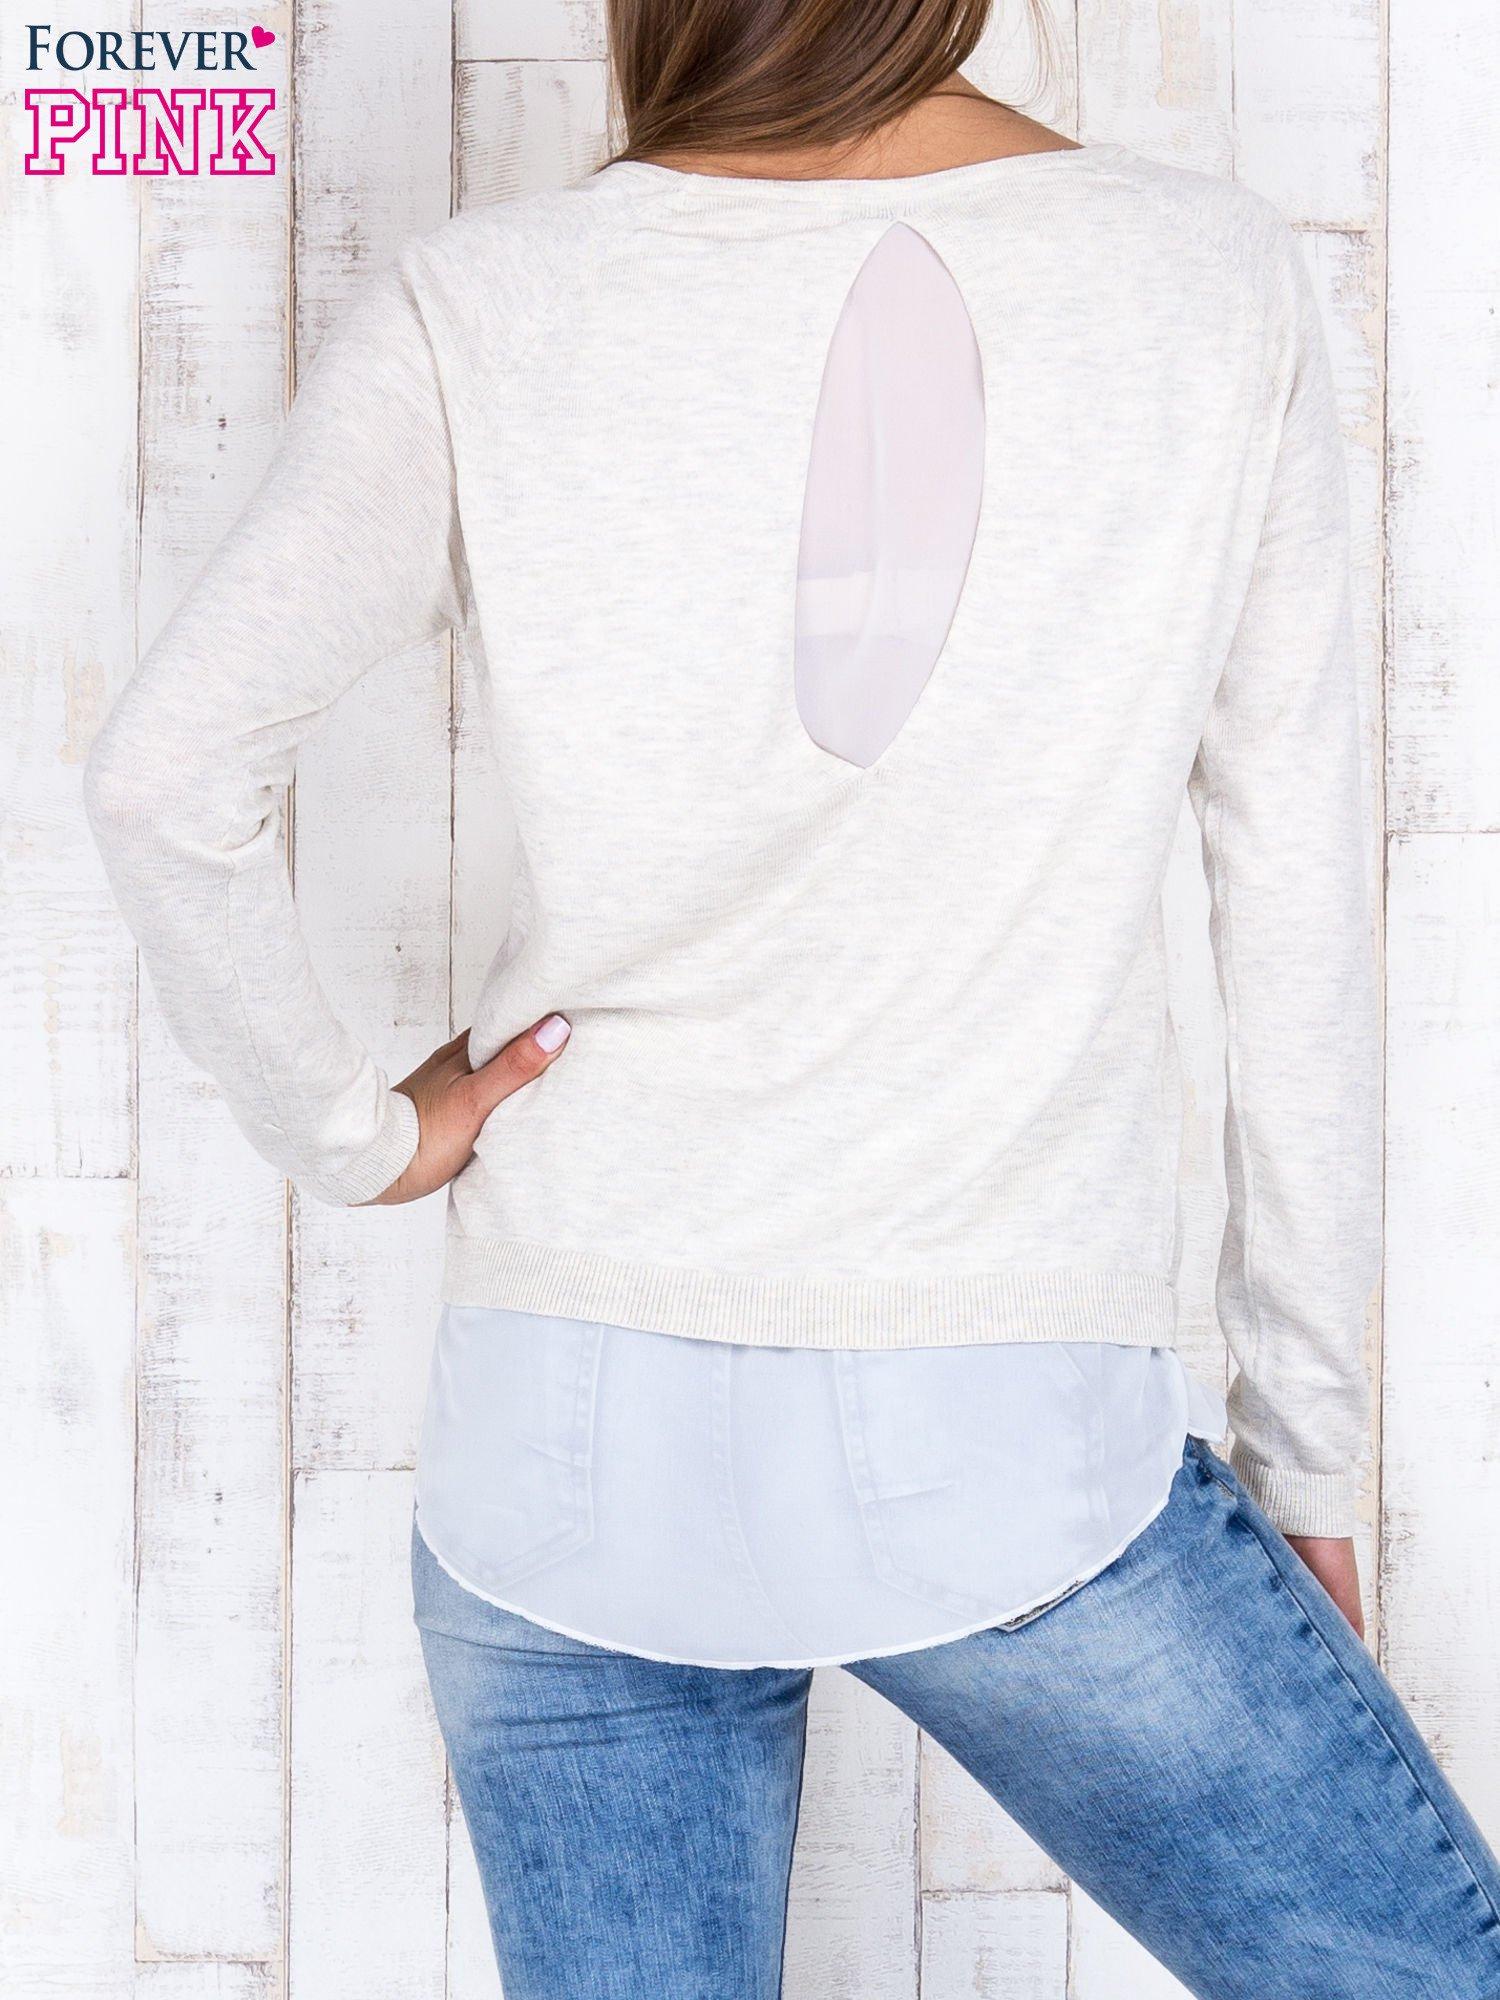 Jasnobeżowy luźny sweter z siateczką i wycięciem z tyłu                                  zdj.                                  2